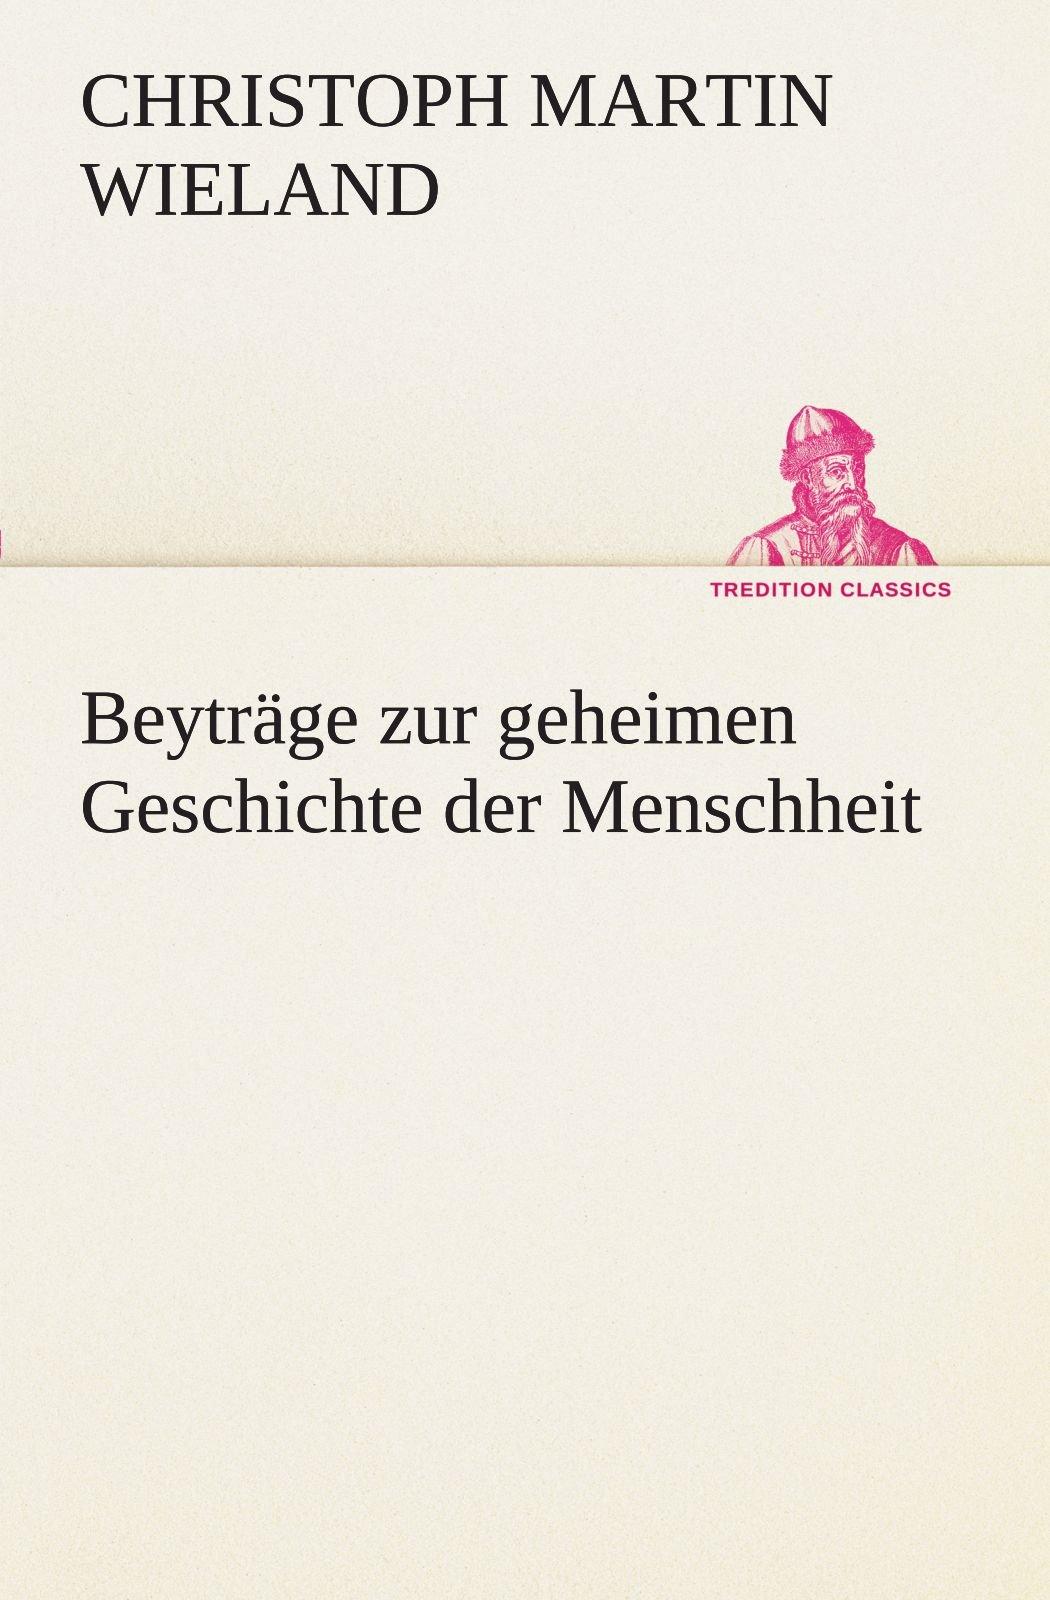 Download Beyträge zur geheimen Geschichte der Menschheit (TREDITION CLASSICS) (German Edition) PDF